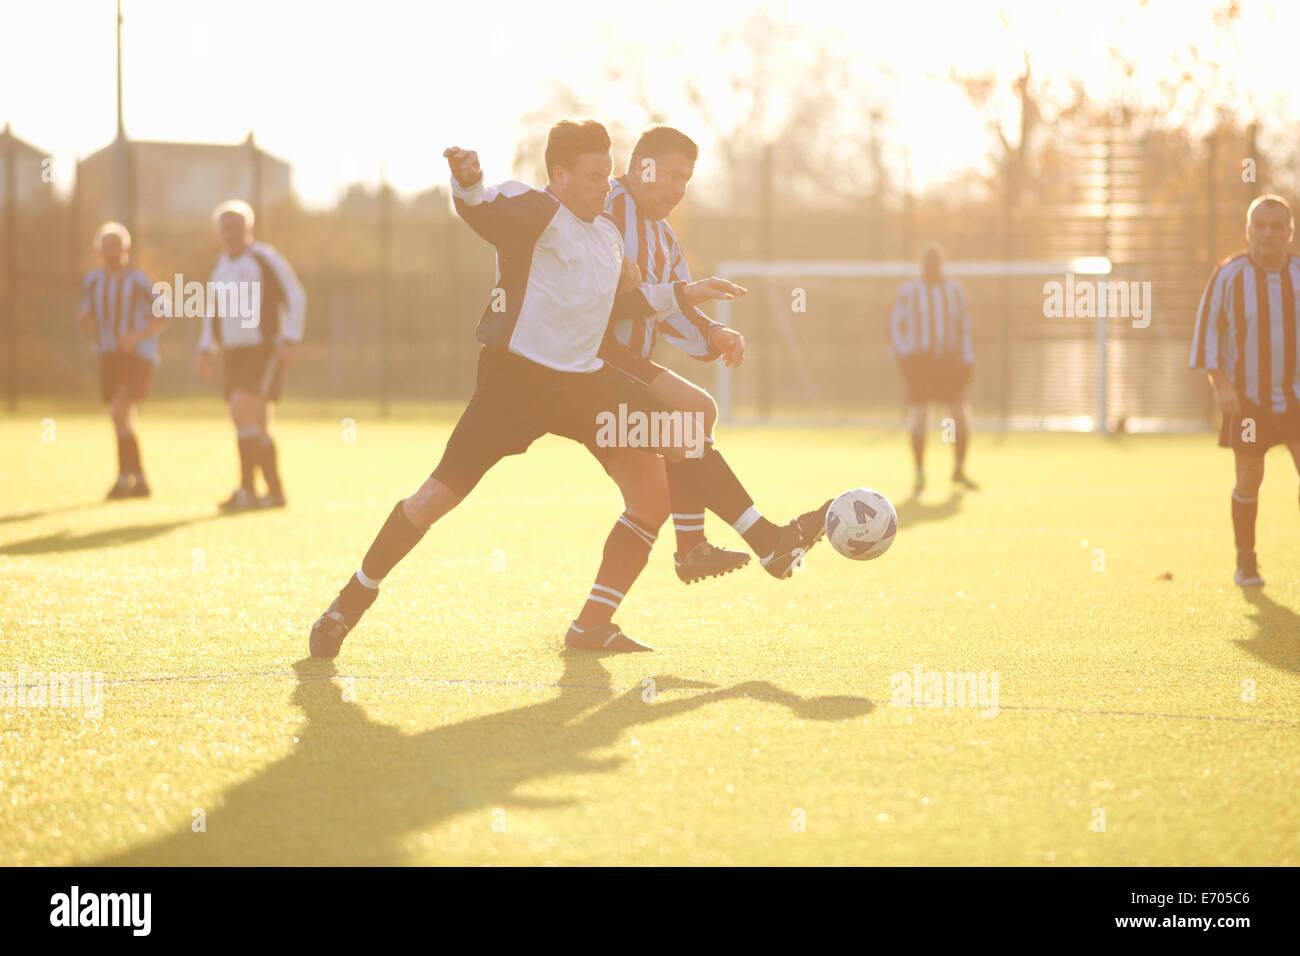 Los jugadores luchan por la pelota de fútbol Foto de stock